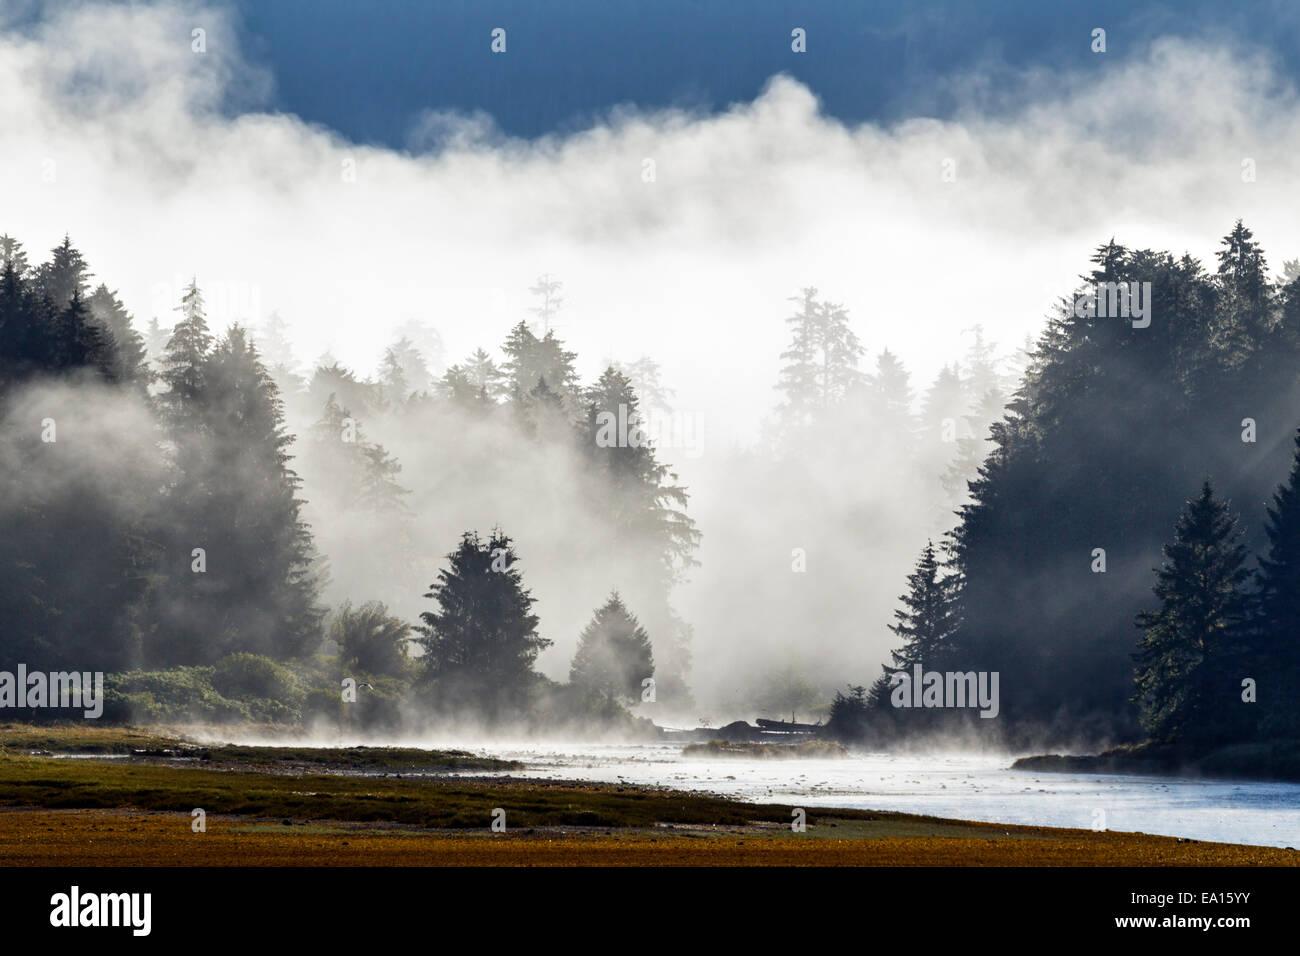 Una niebla de la mañana se levanta temprano desde el río y la selva costera del Tongass National Forest, Imagen De Stock